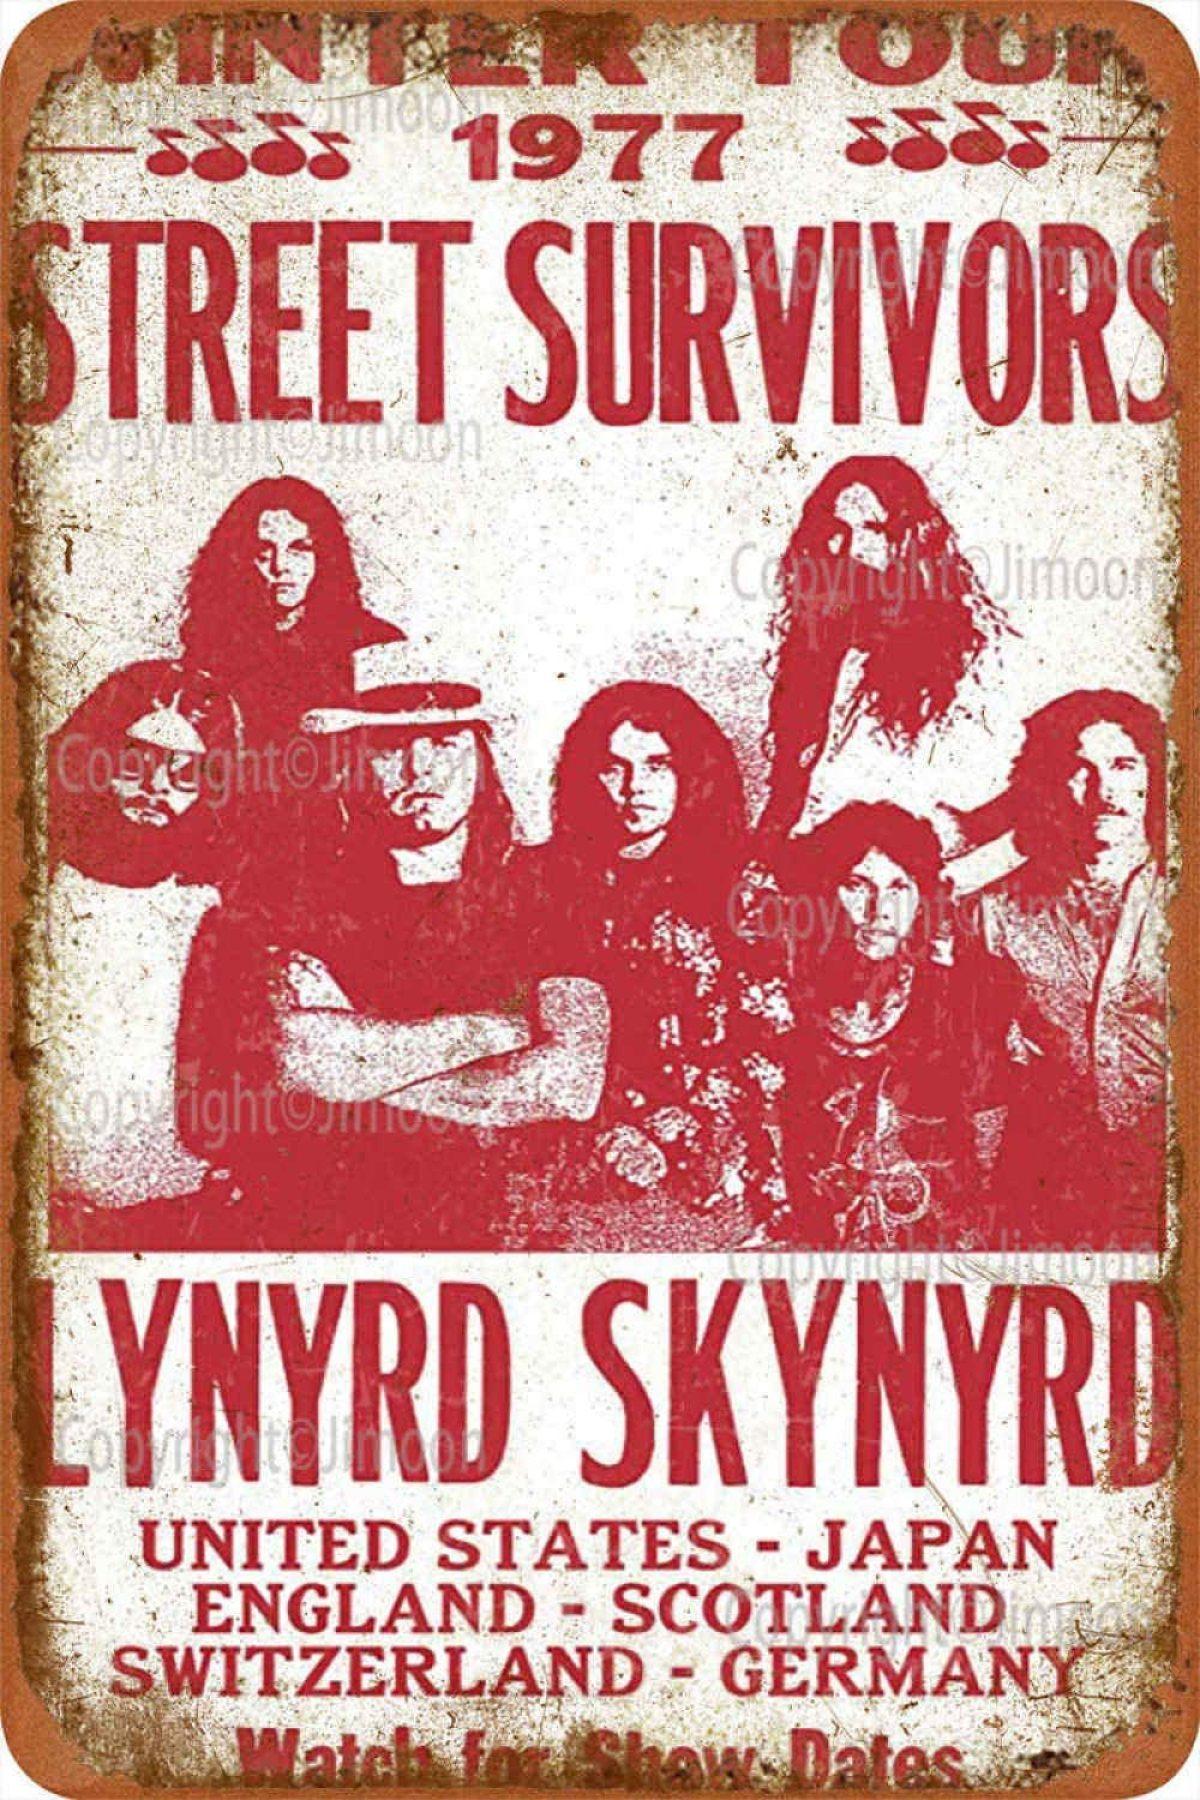 Lynyrd Skynyrd-cartel de hojalata Vintage, pintura de hierro oxidado, decoración de carteles,...